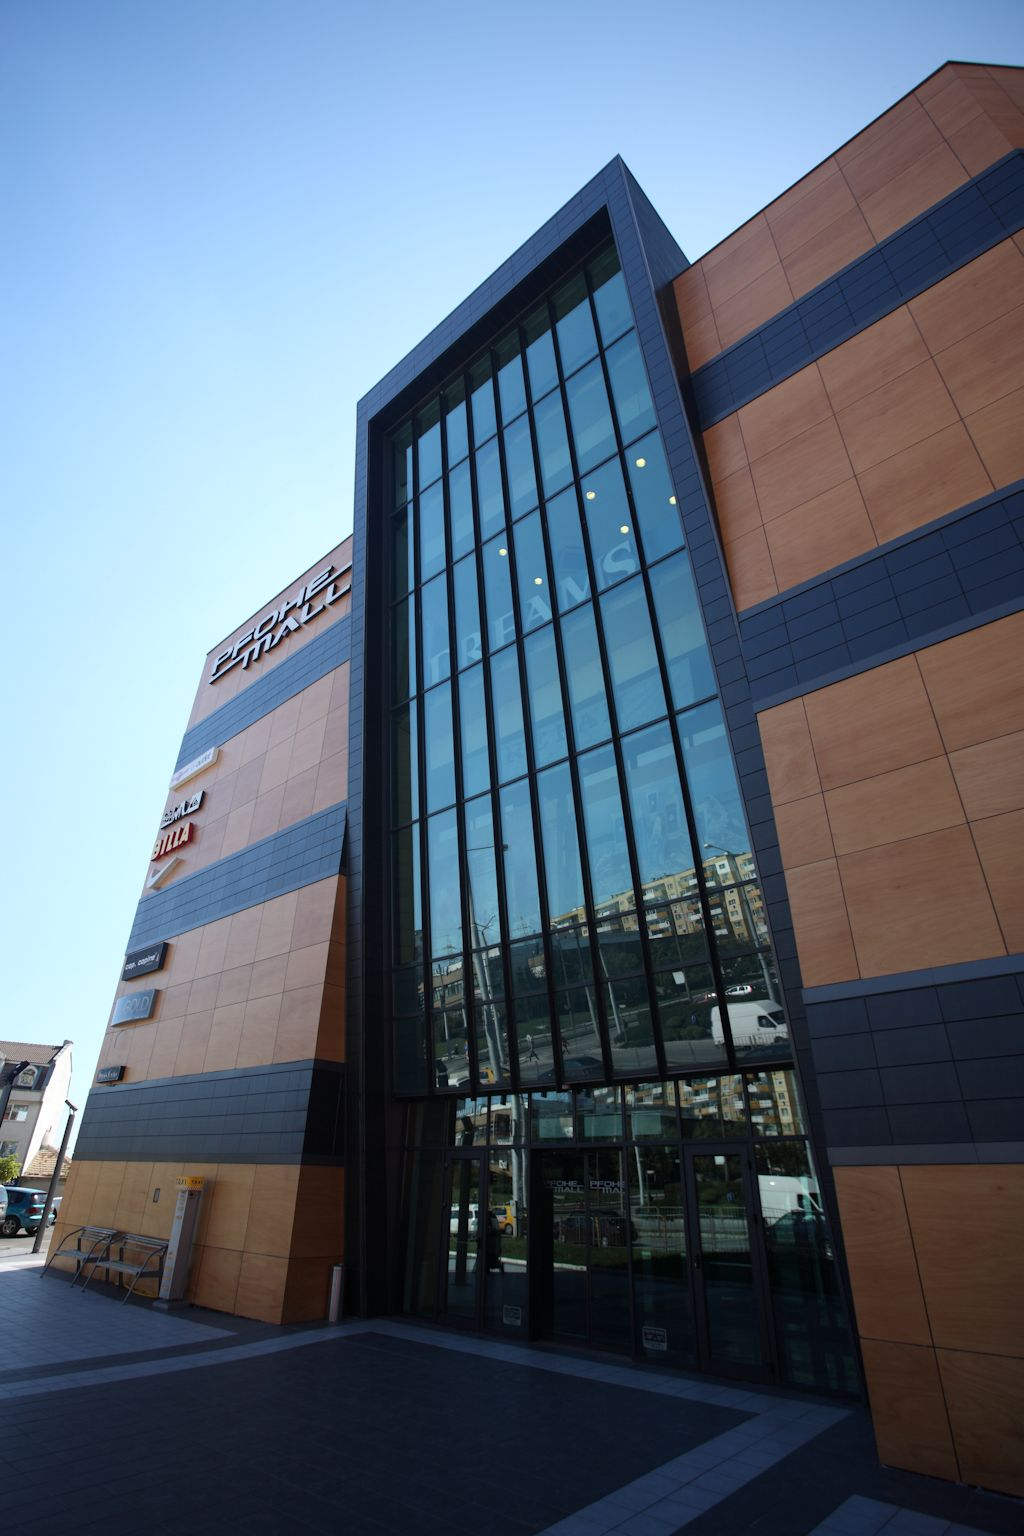 bulitglass_pfohe_mall2_1420420466.jpg